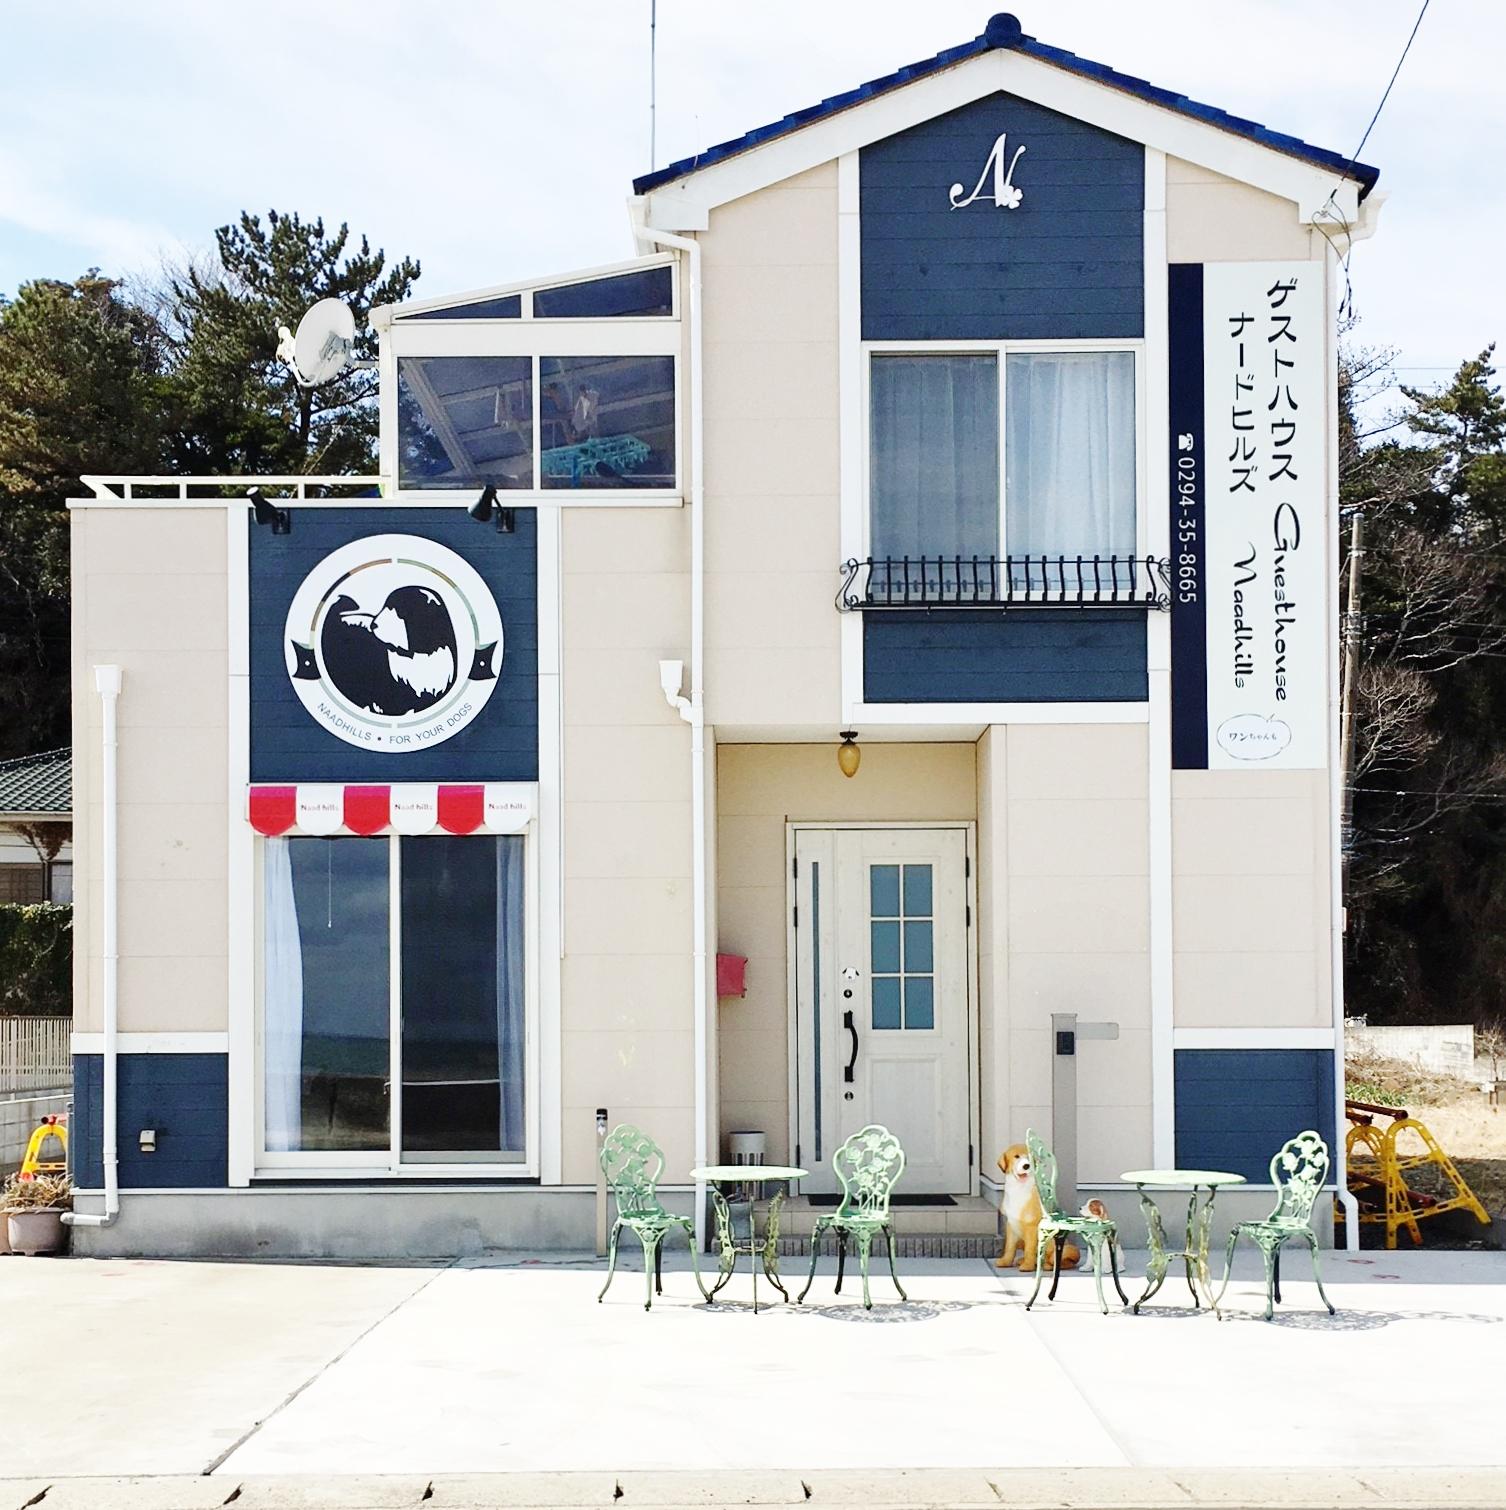 ゲストハウス ナードヒルズの施設画像